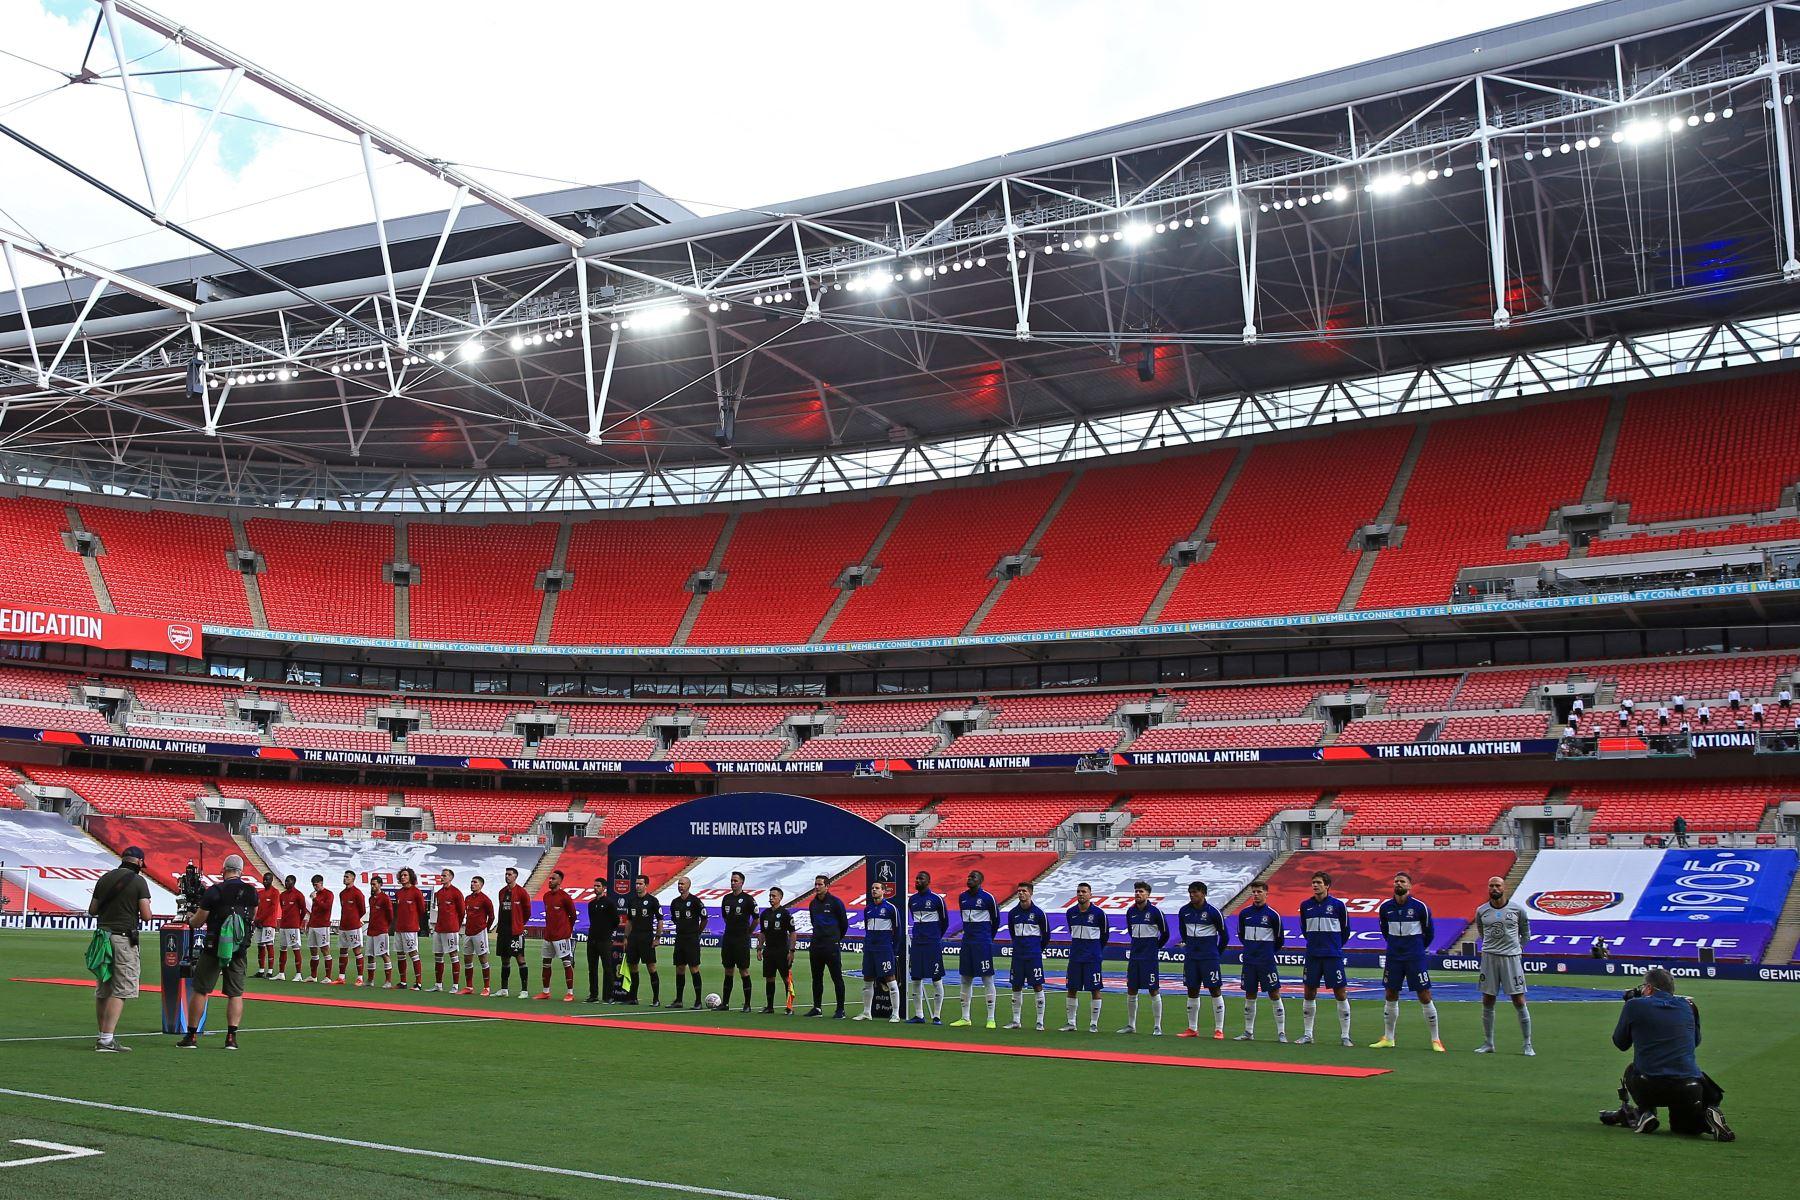 Los jugadores cantan el himno nacional antes del partido de fútbol final de la FA Cup inglesa entre el Arsenal y el Chelsea en el estadio de Wembley, en Londres. Foto: AFP